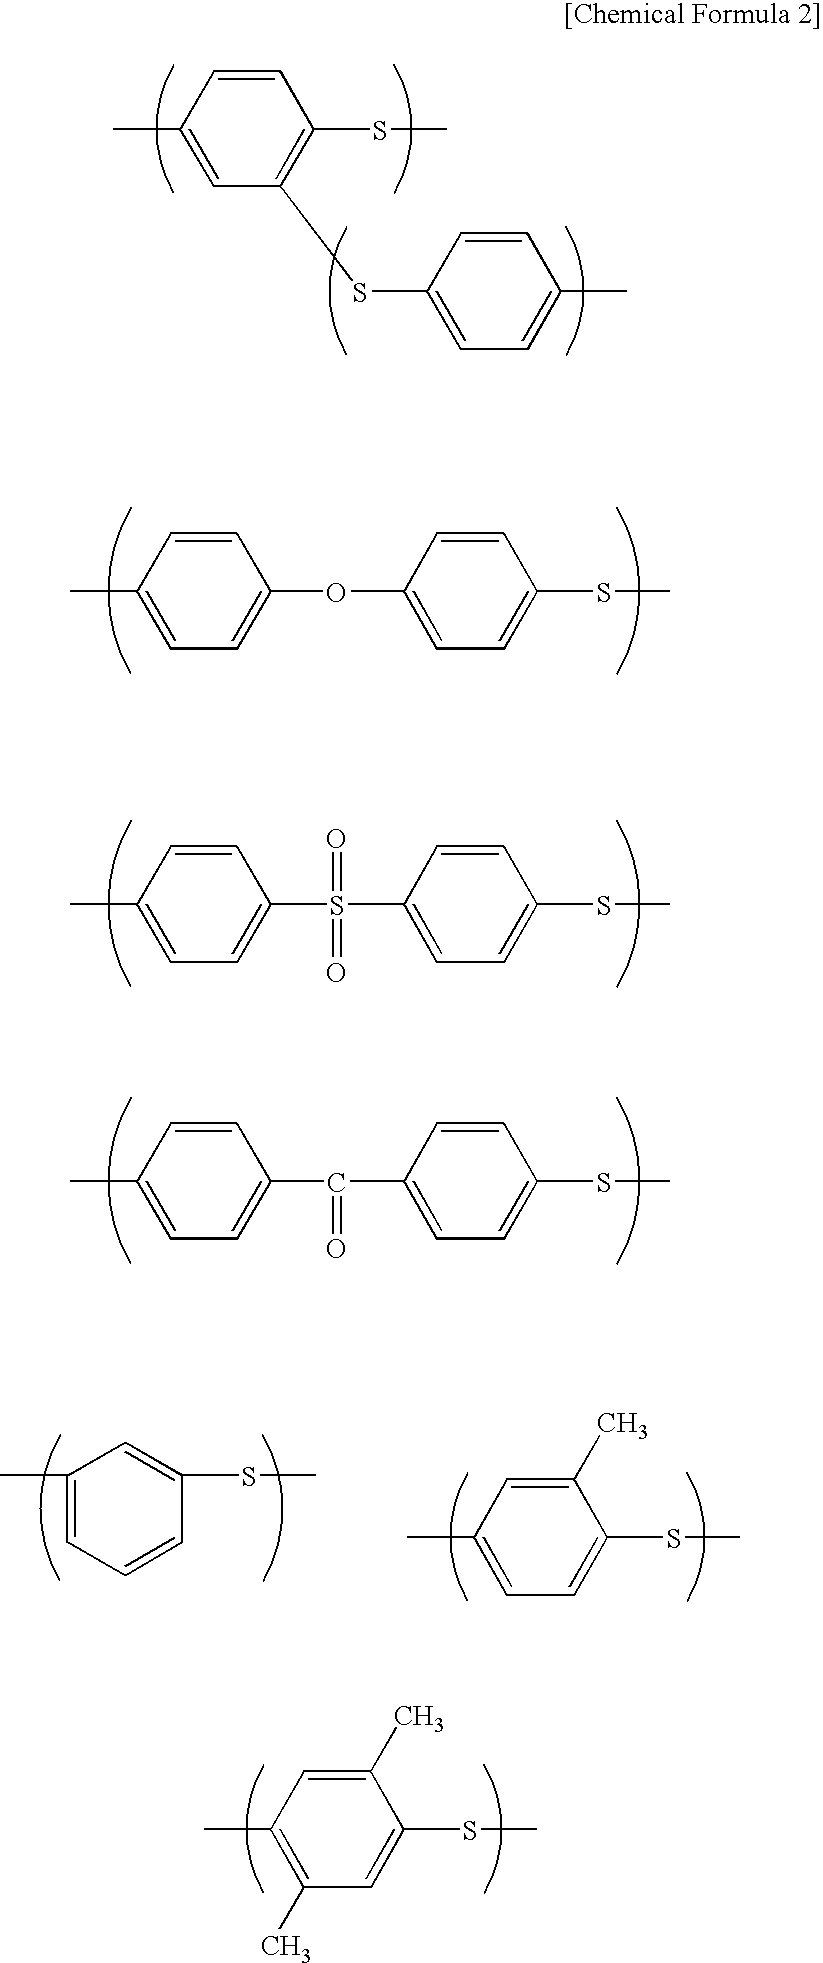 Figure US20050217745A1-20051006-C00002